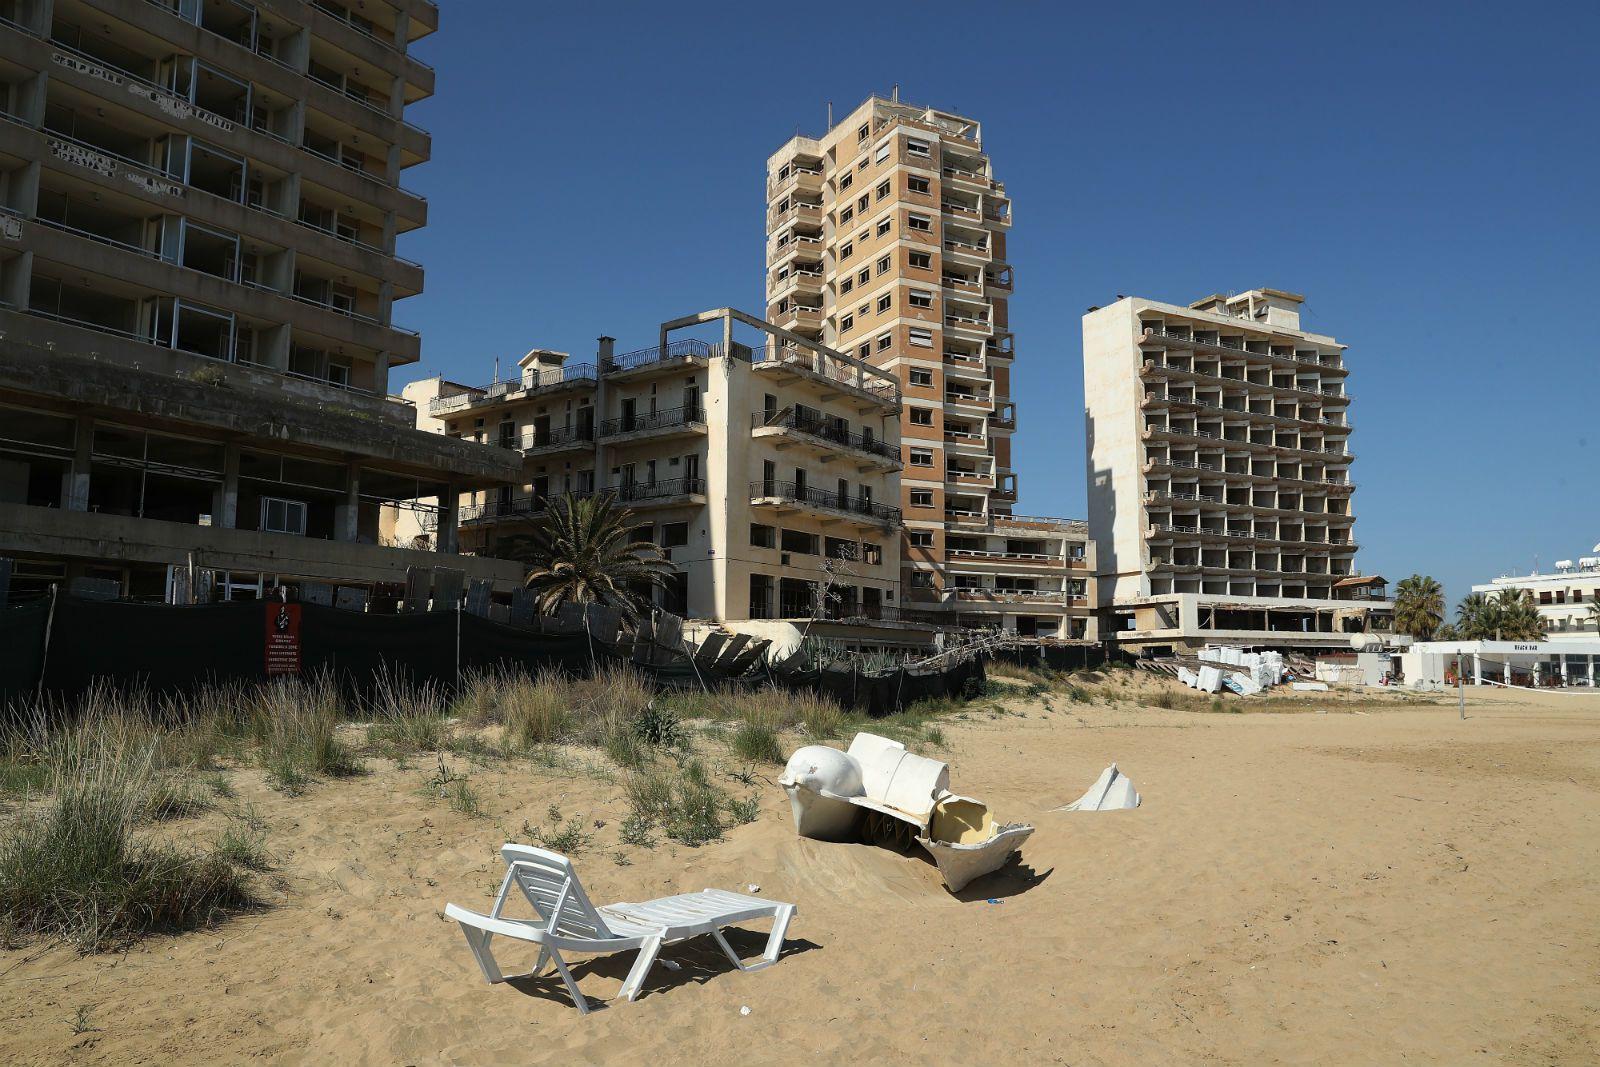 FOTO: Šta kriju 'gradovi duhova' i zašto su napušteni?